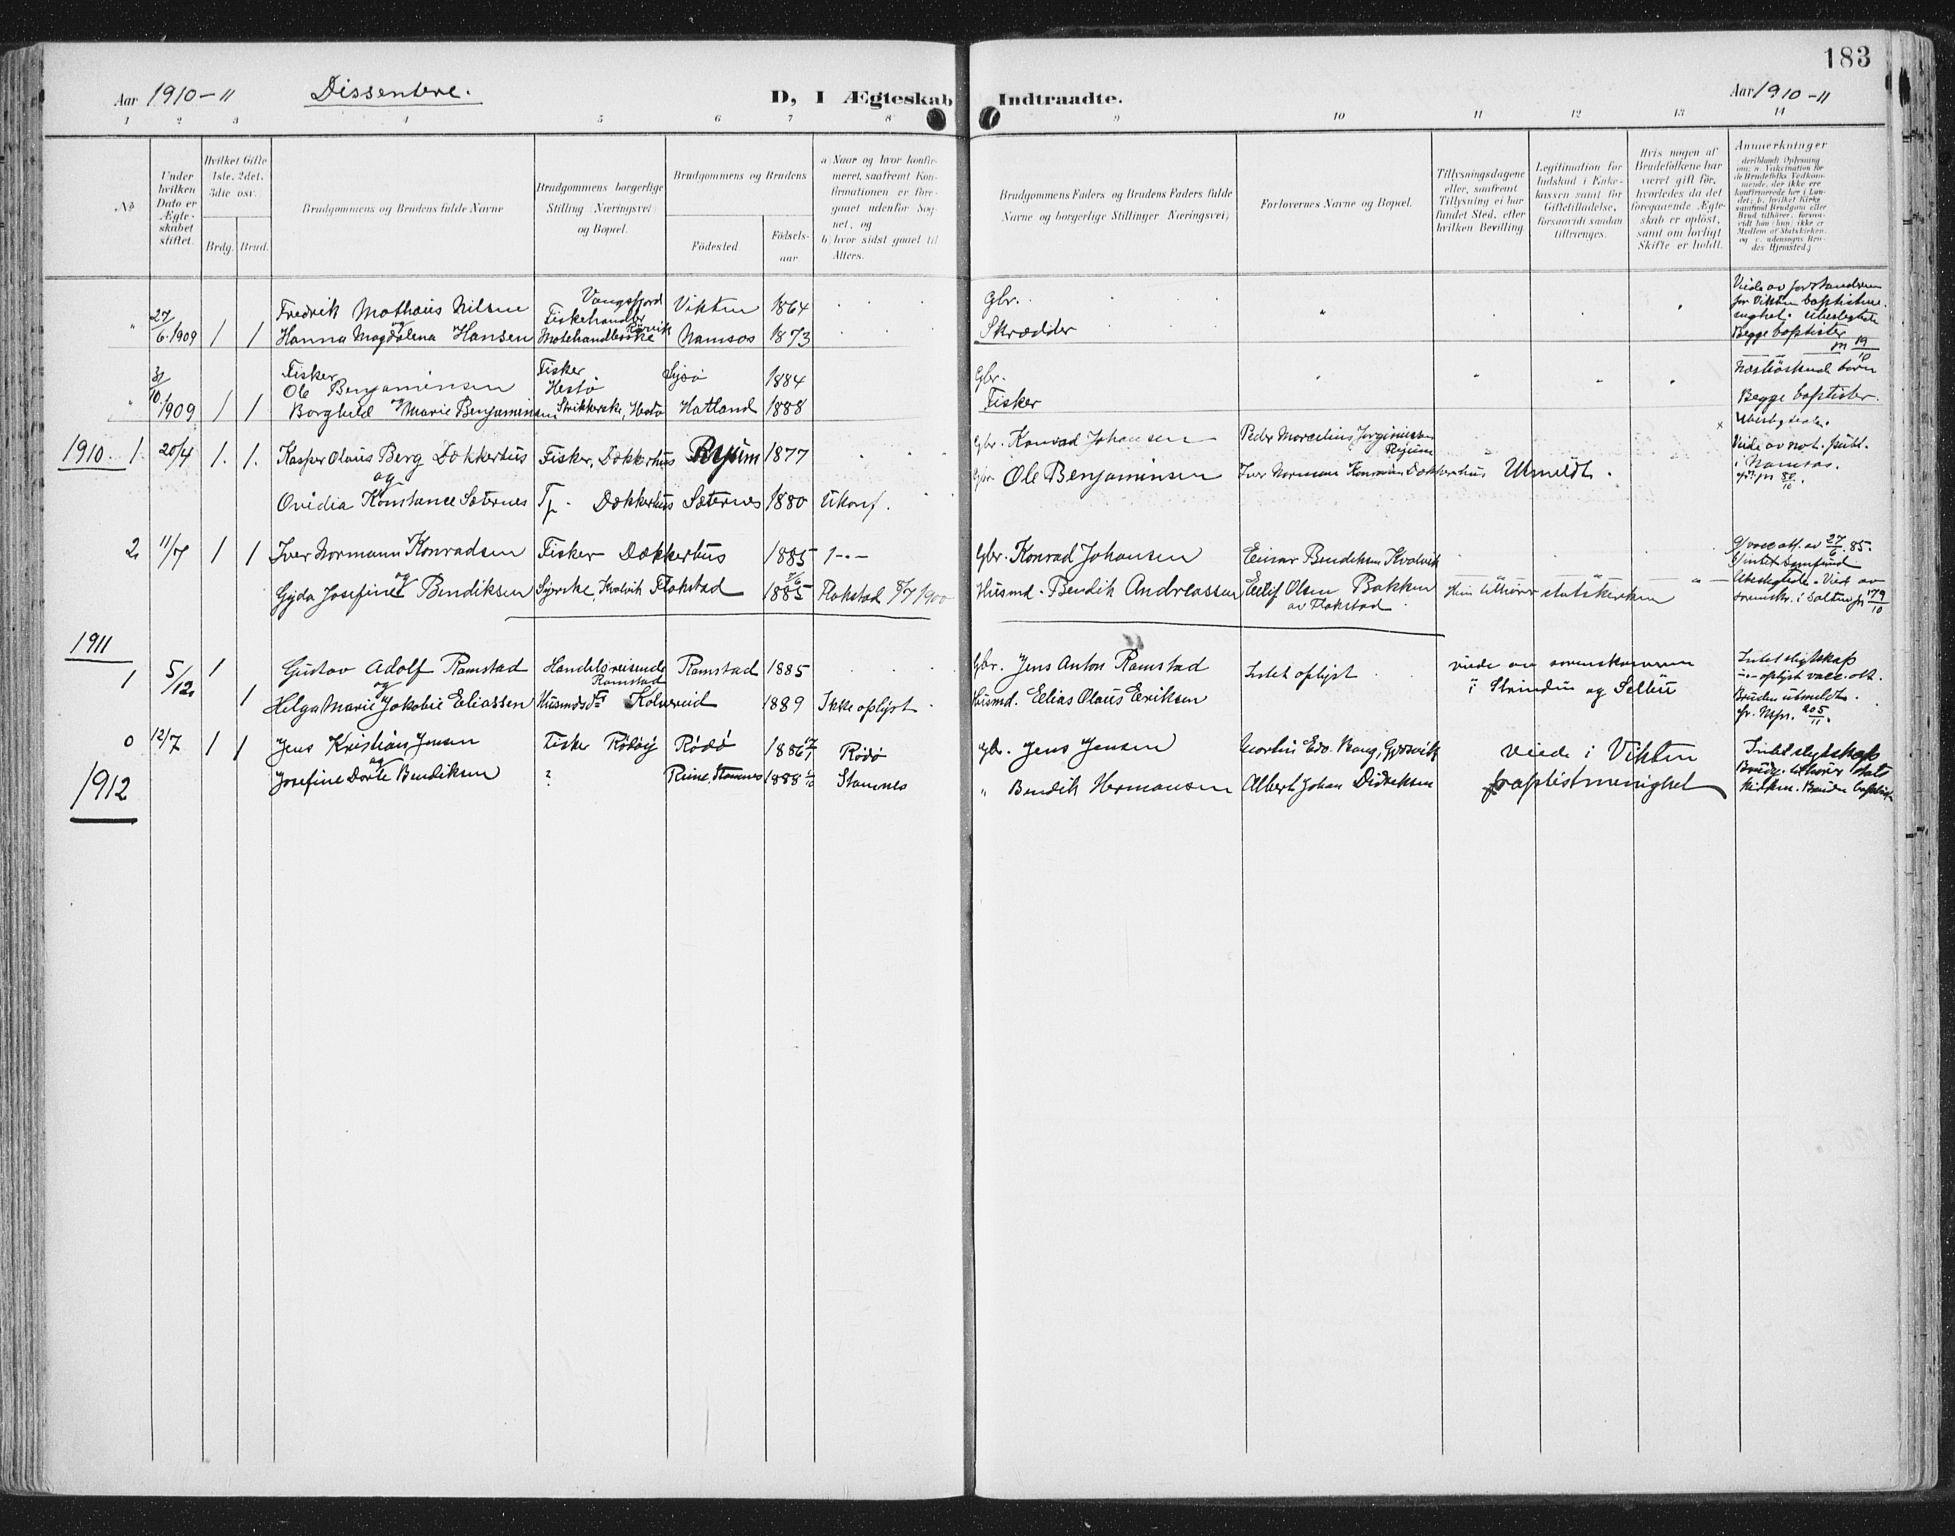 SAT, Ministerialprotokoller, klokkerbøker og fødselsregistre - Nord-Trøndelag, 786/L0688: Ministerialbok nr. 786A04, 1899-1912, s. 183